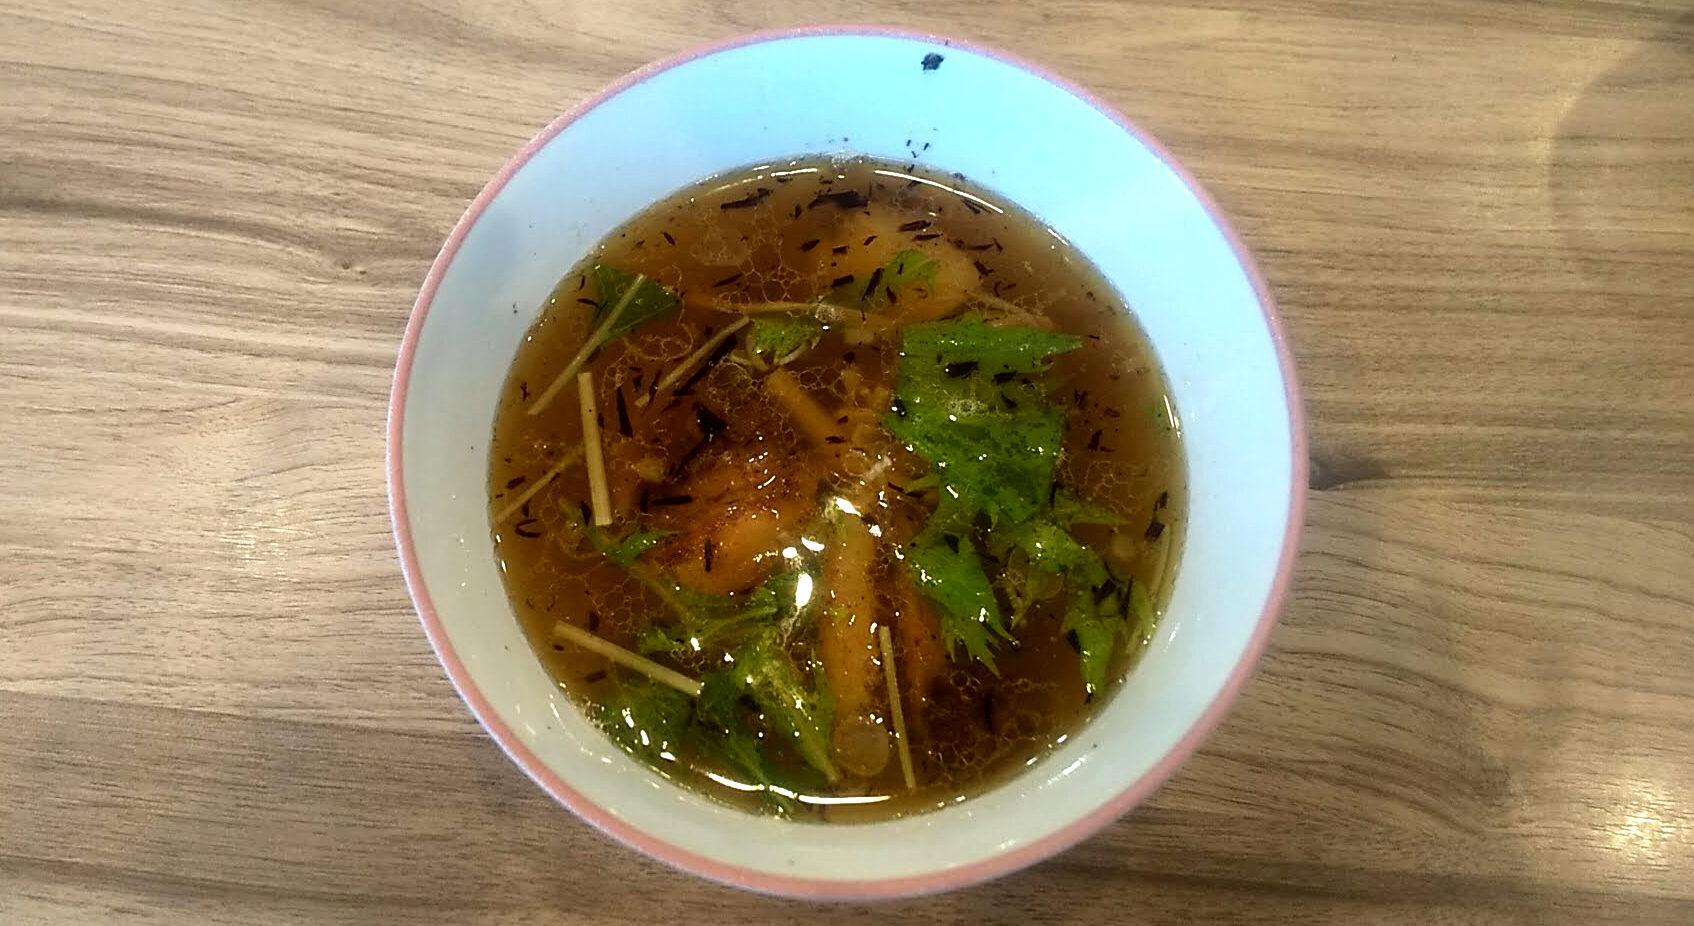 くじら食堂の特製つけ麺のつけ汁の写真